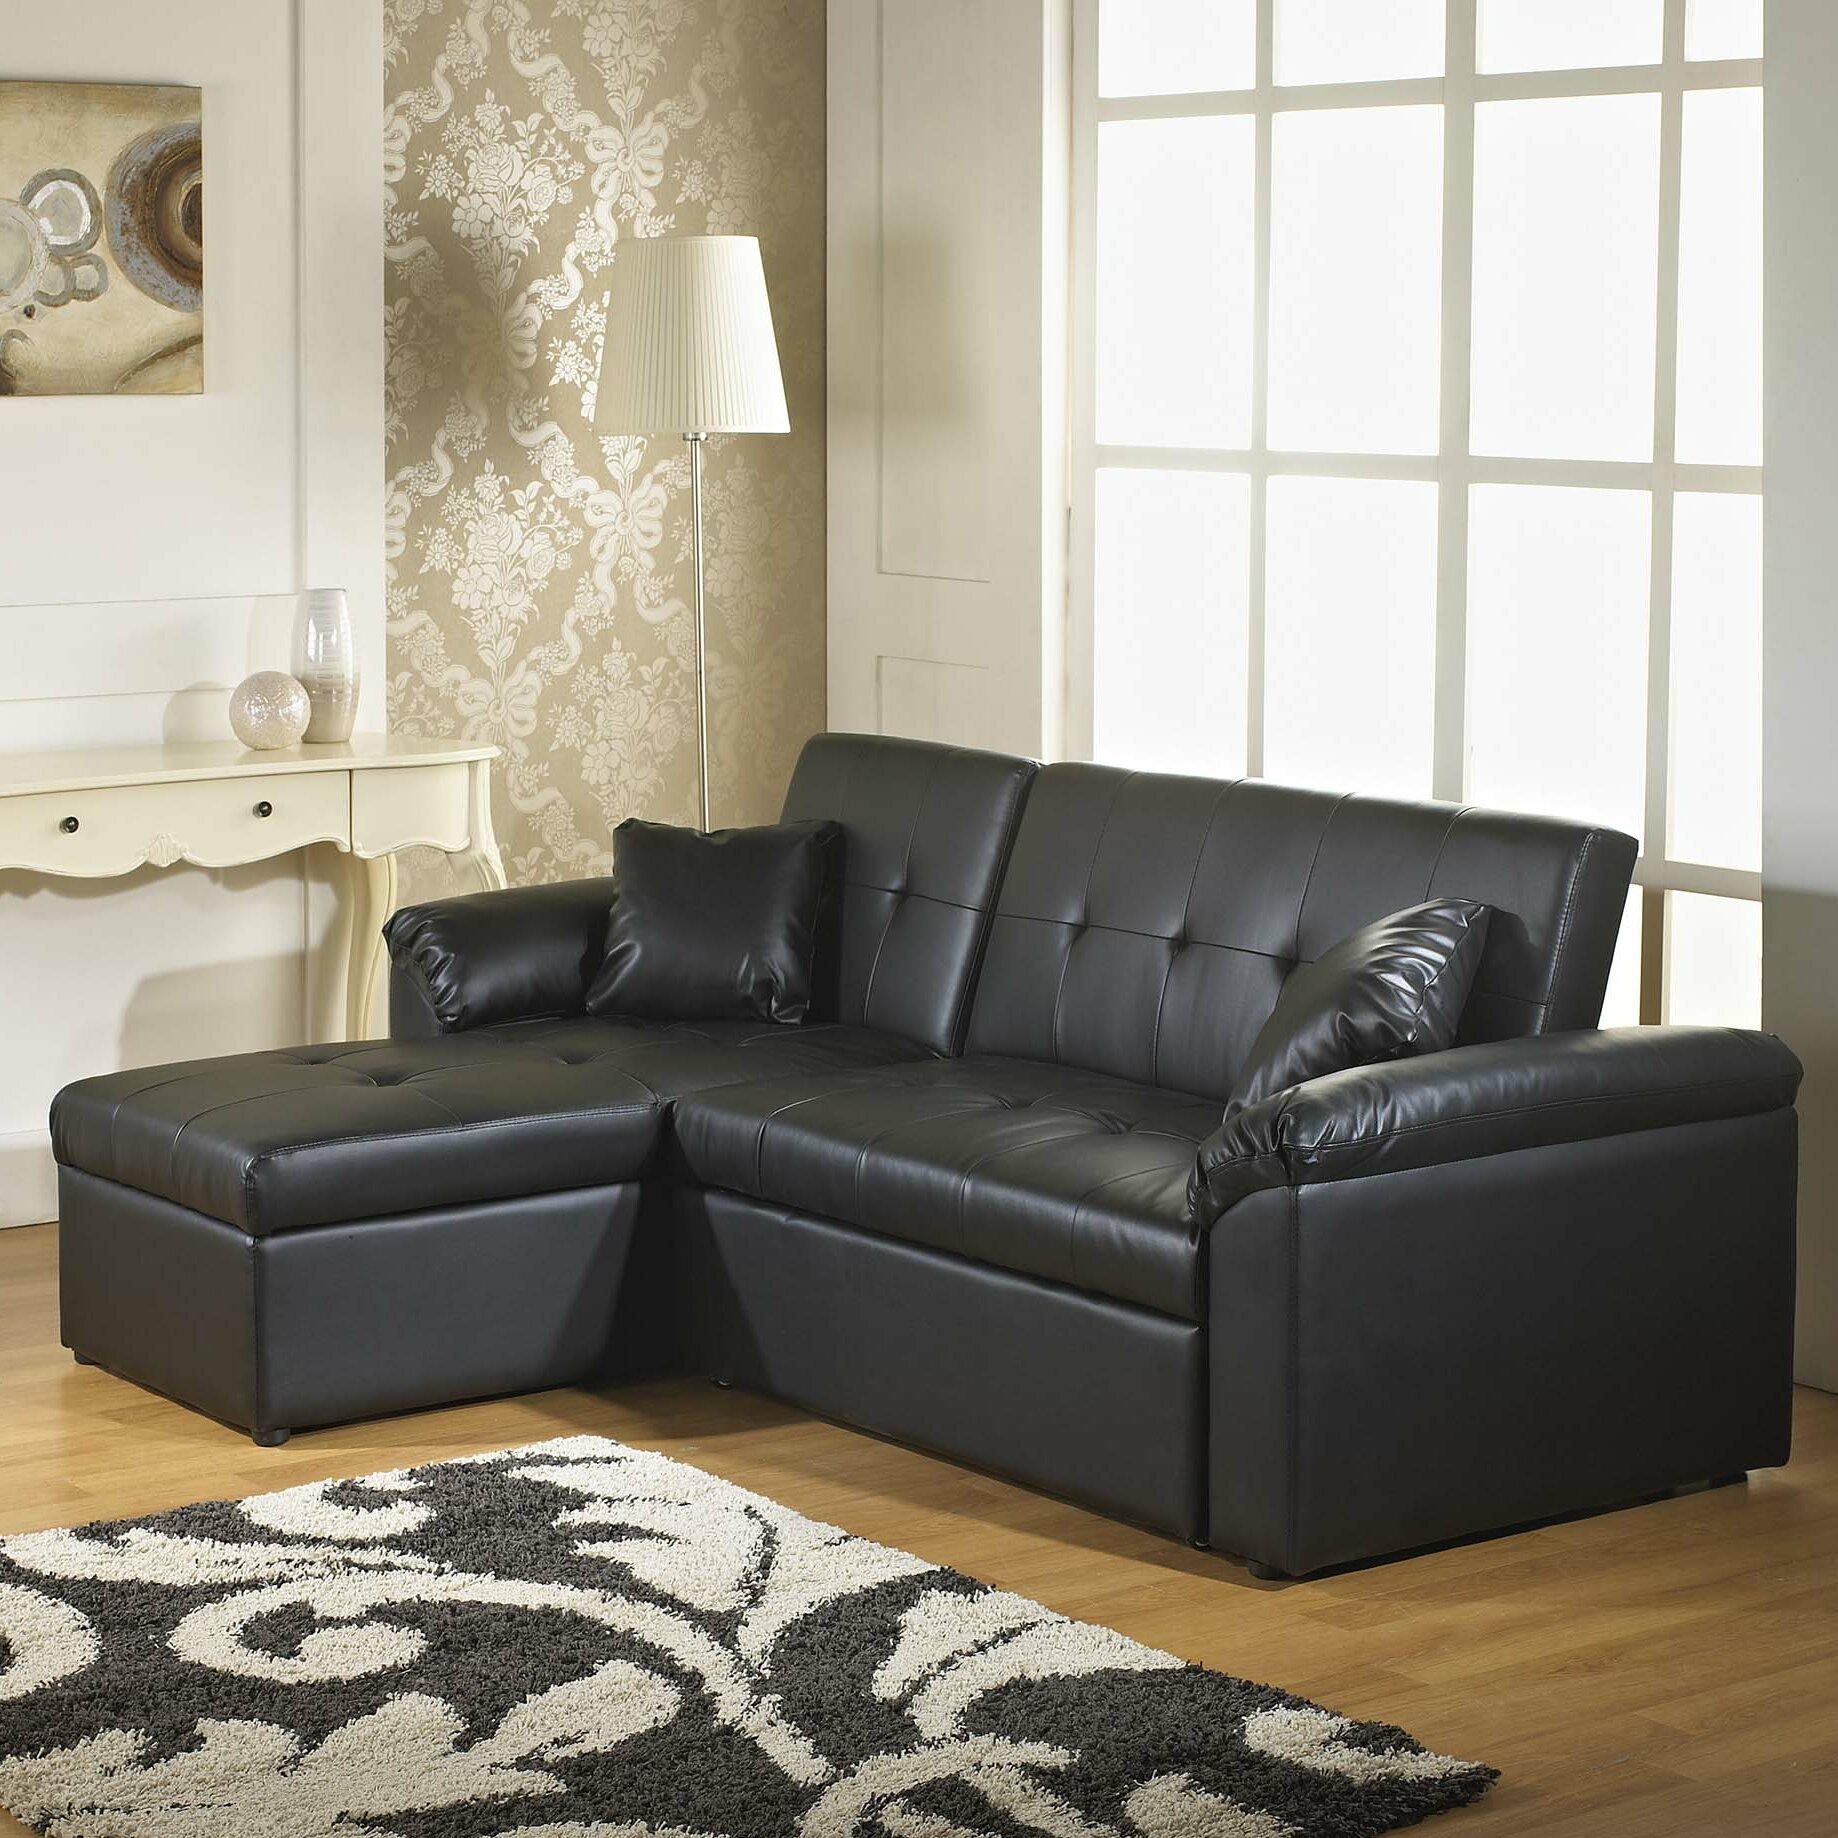 Home Haus Malta Reversible Chaise Corner Sofa Reviews Wayfair Uk